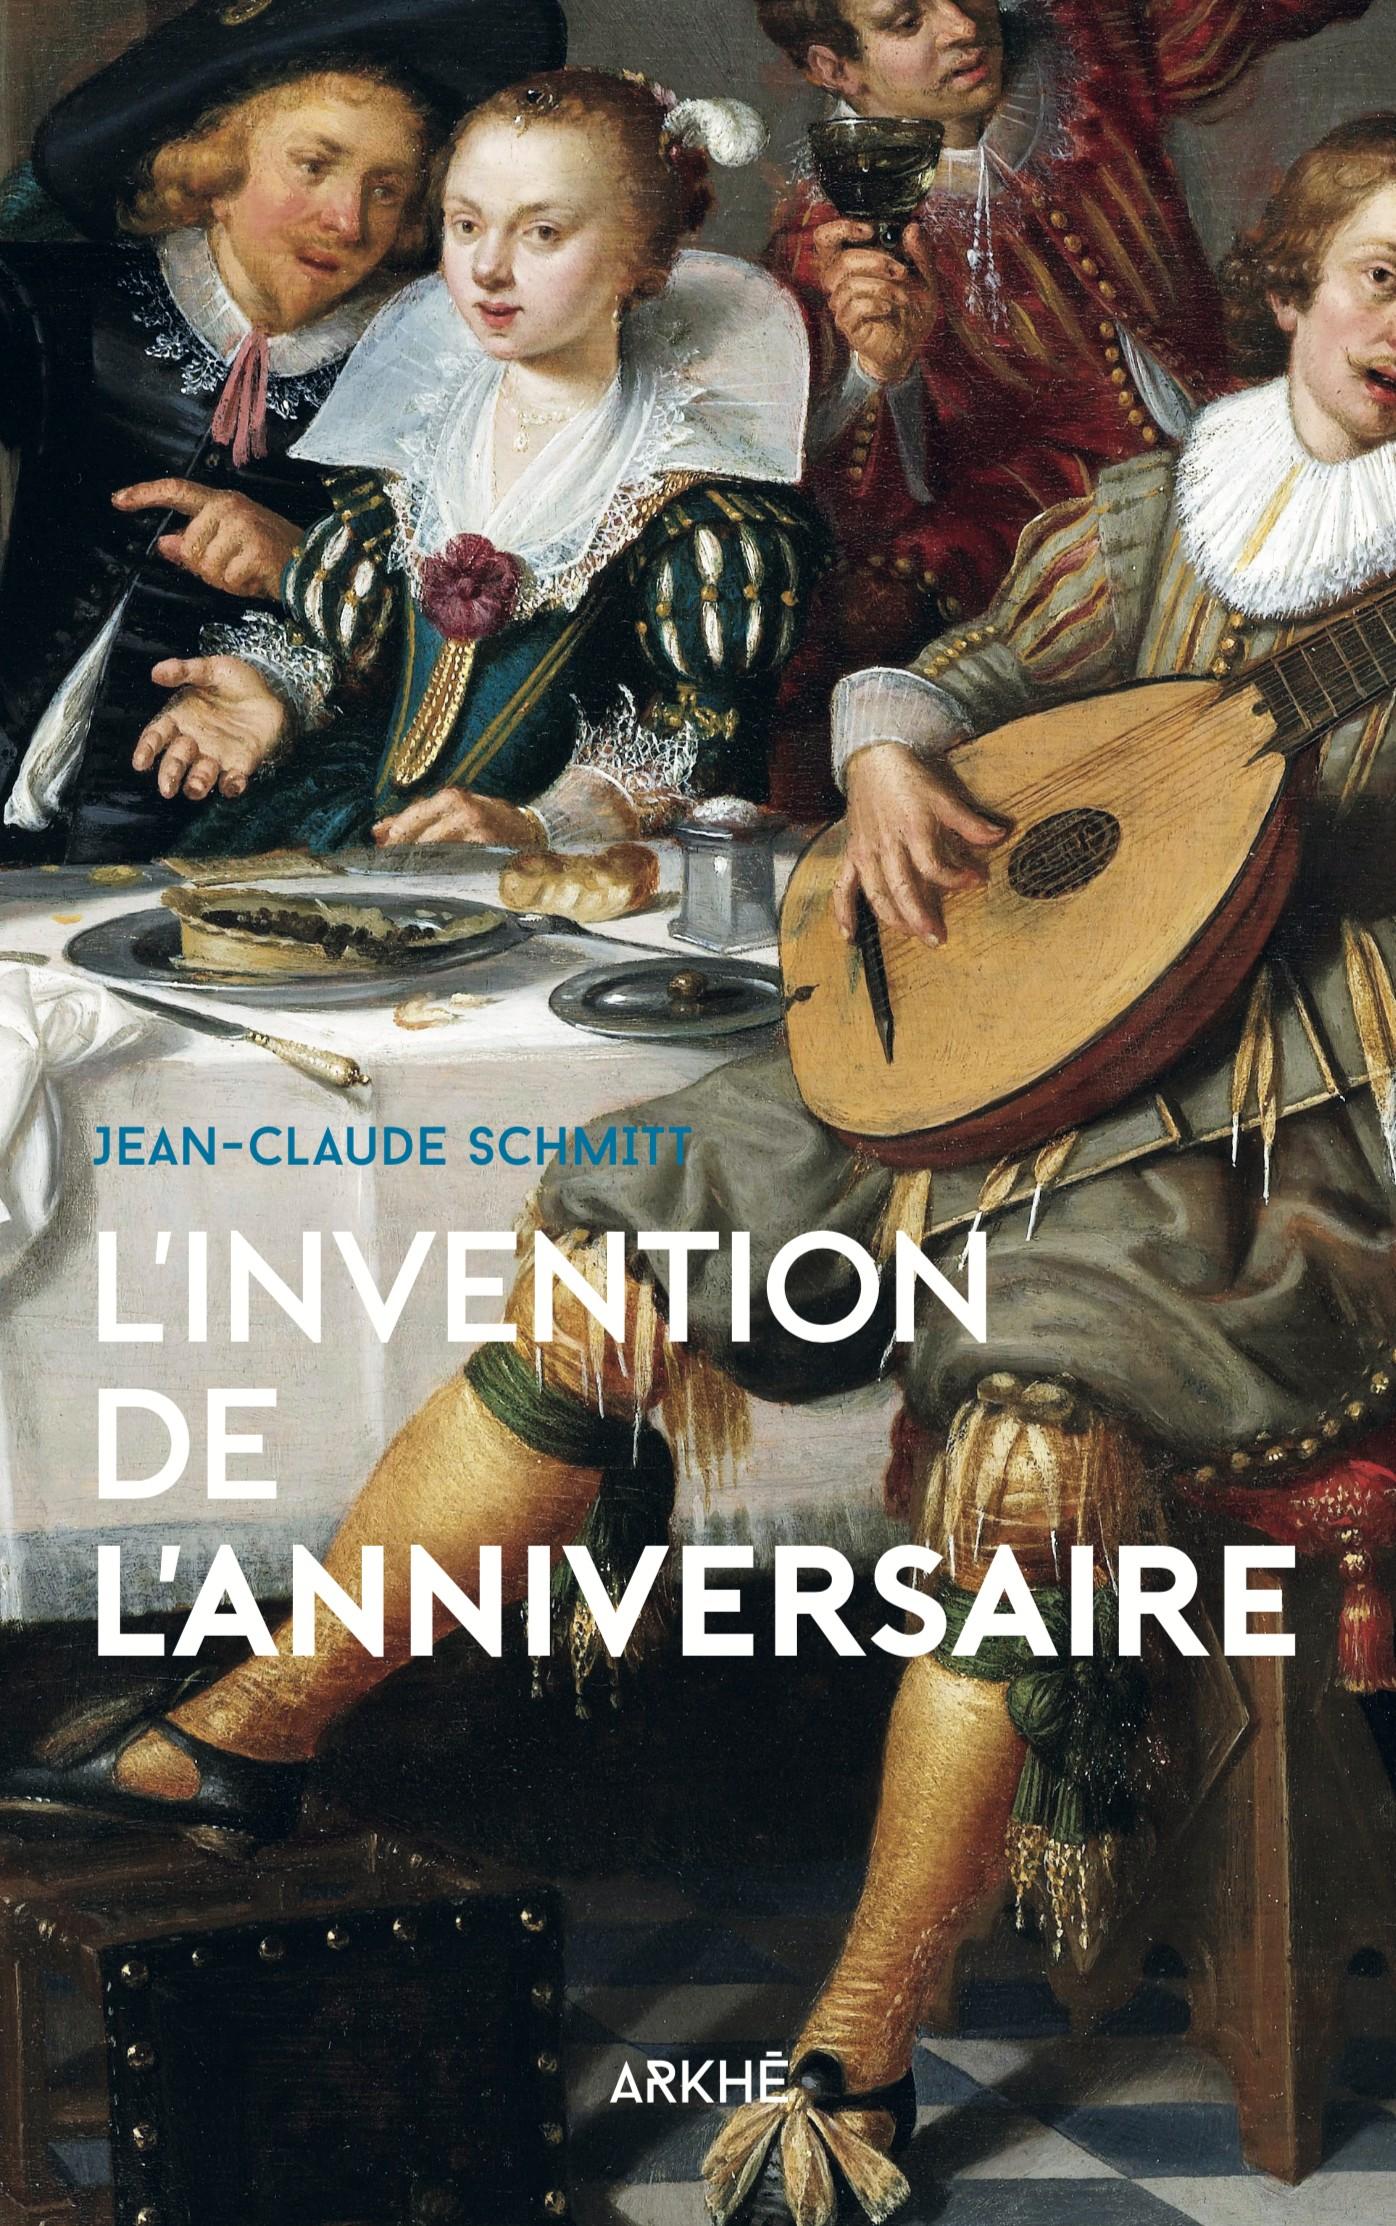 """Résultat de recherche d'images pour """"jean claude schmitt l'invention de l'anniversaire"""""""